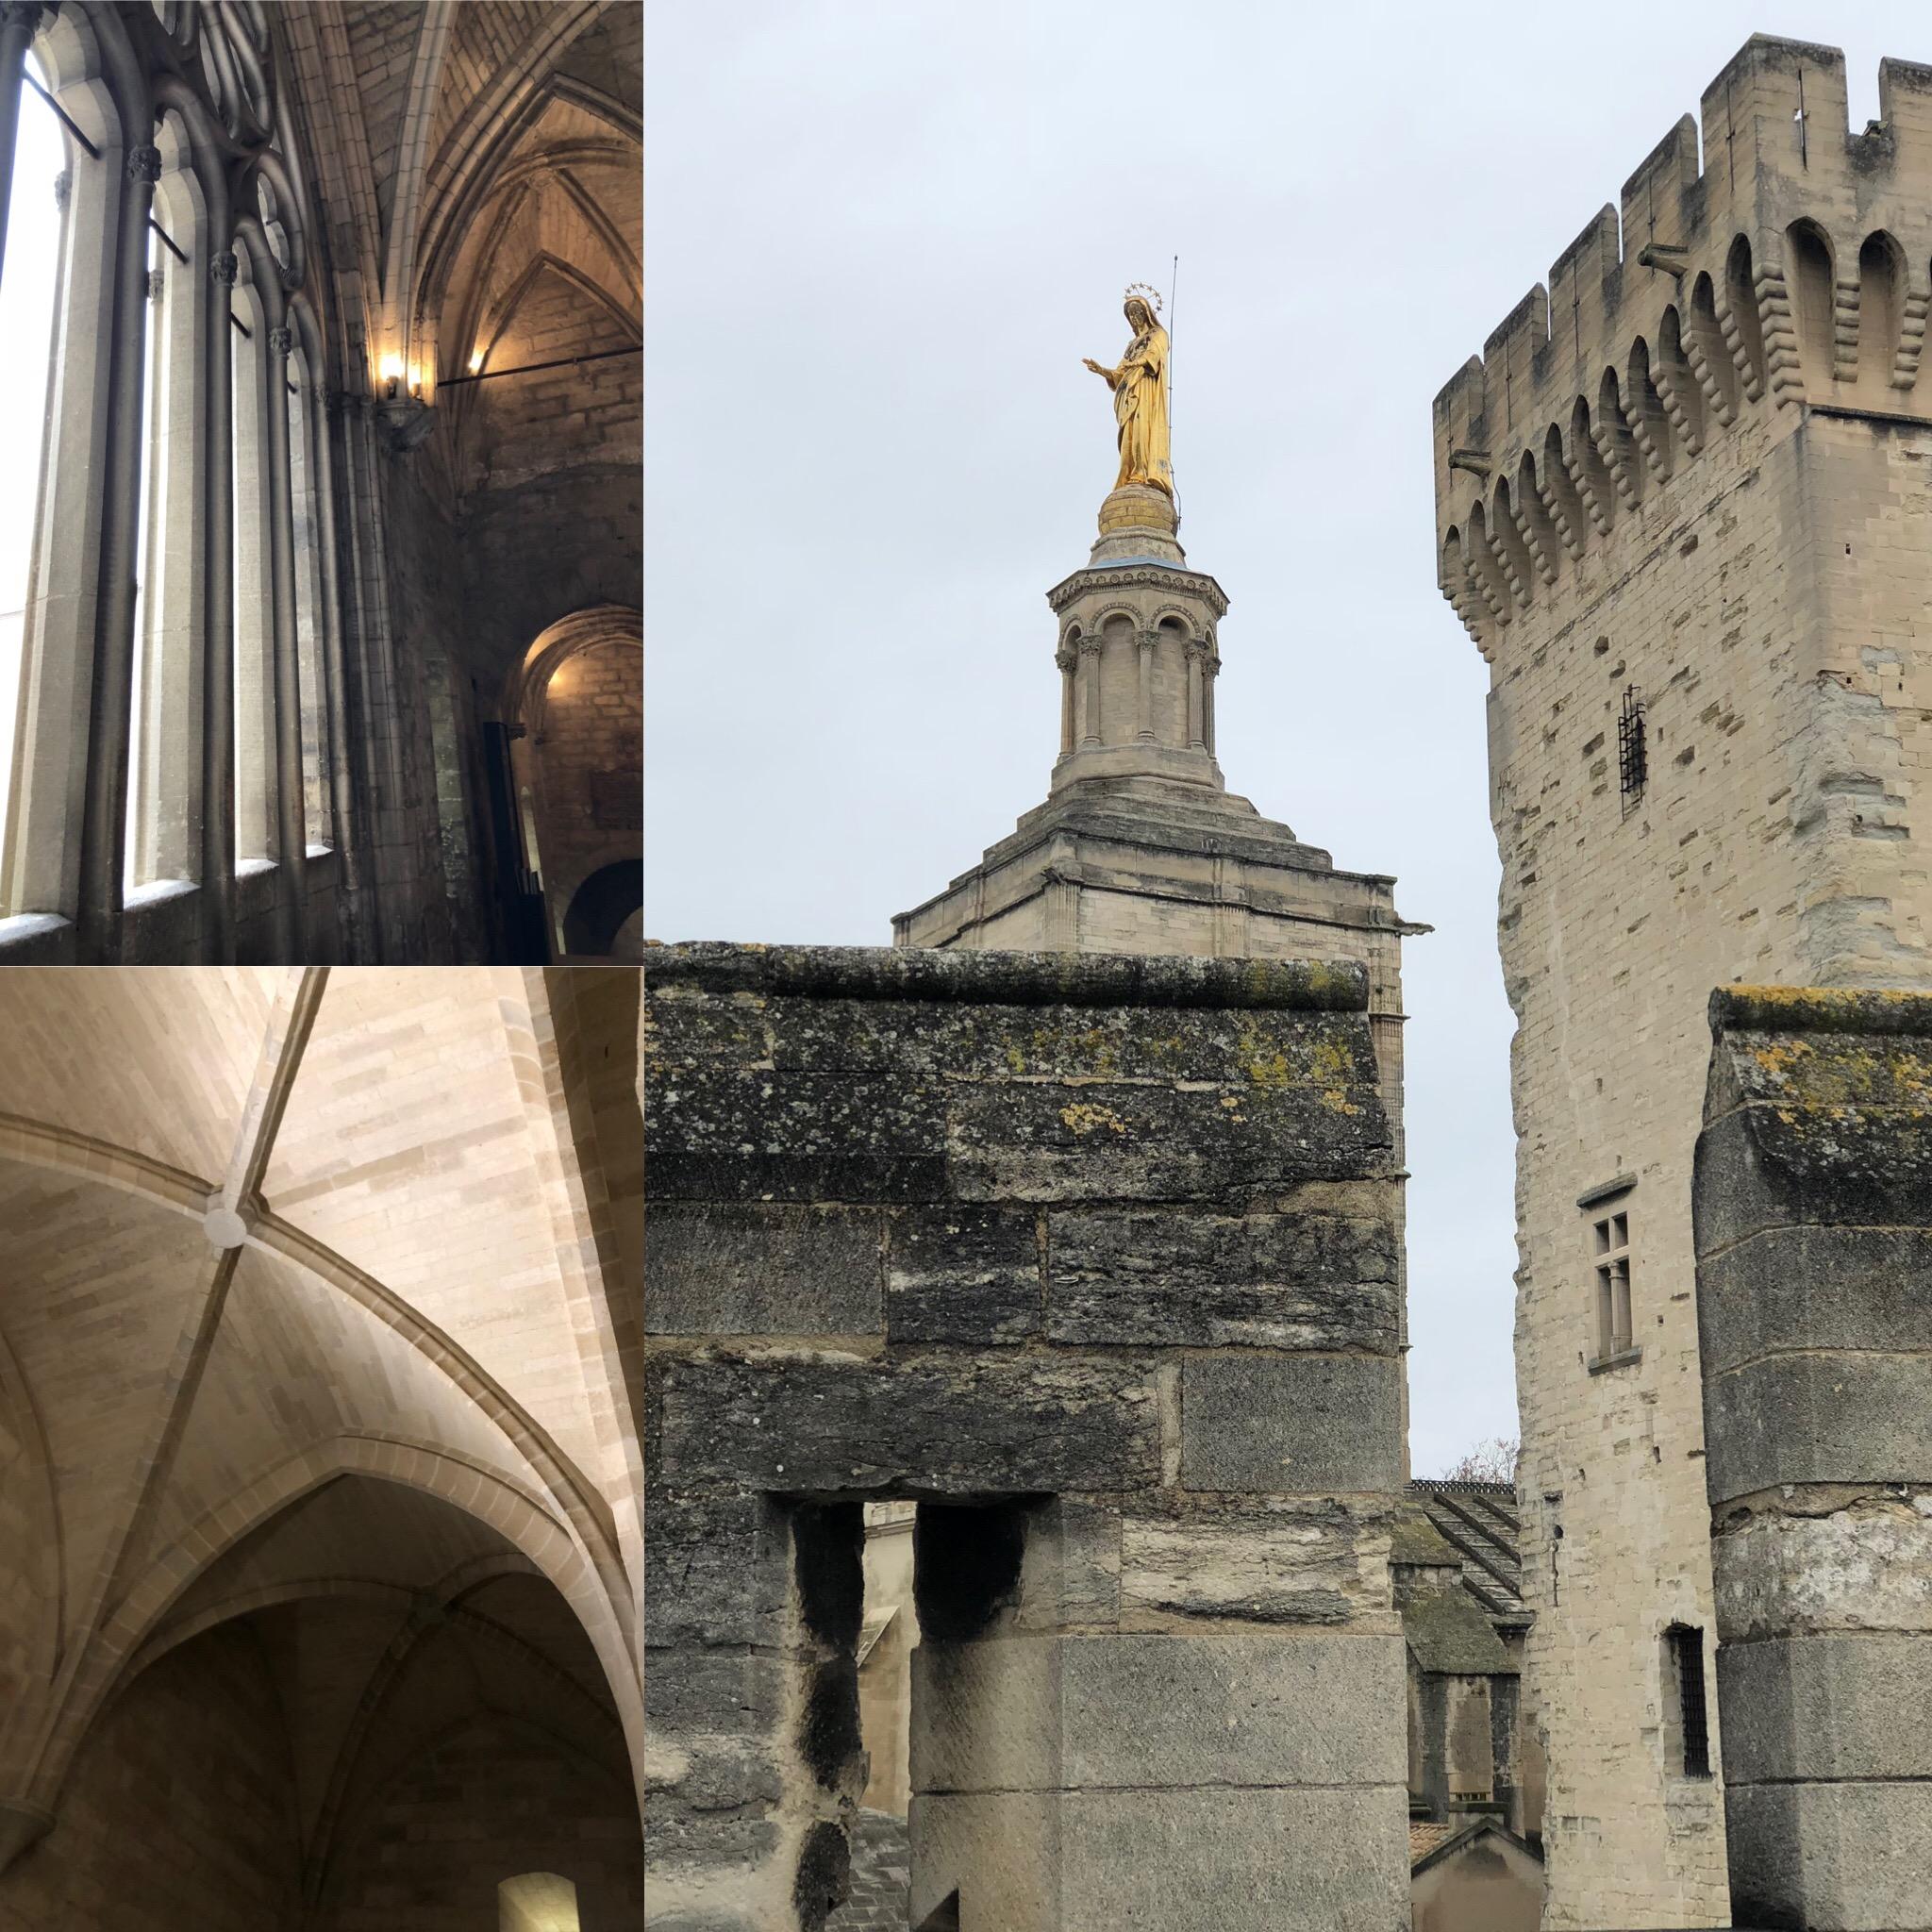 Visite Palais des Papes Avignon